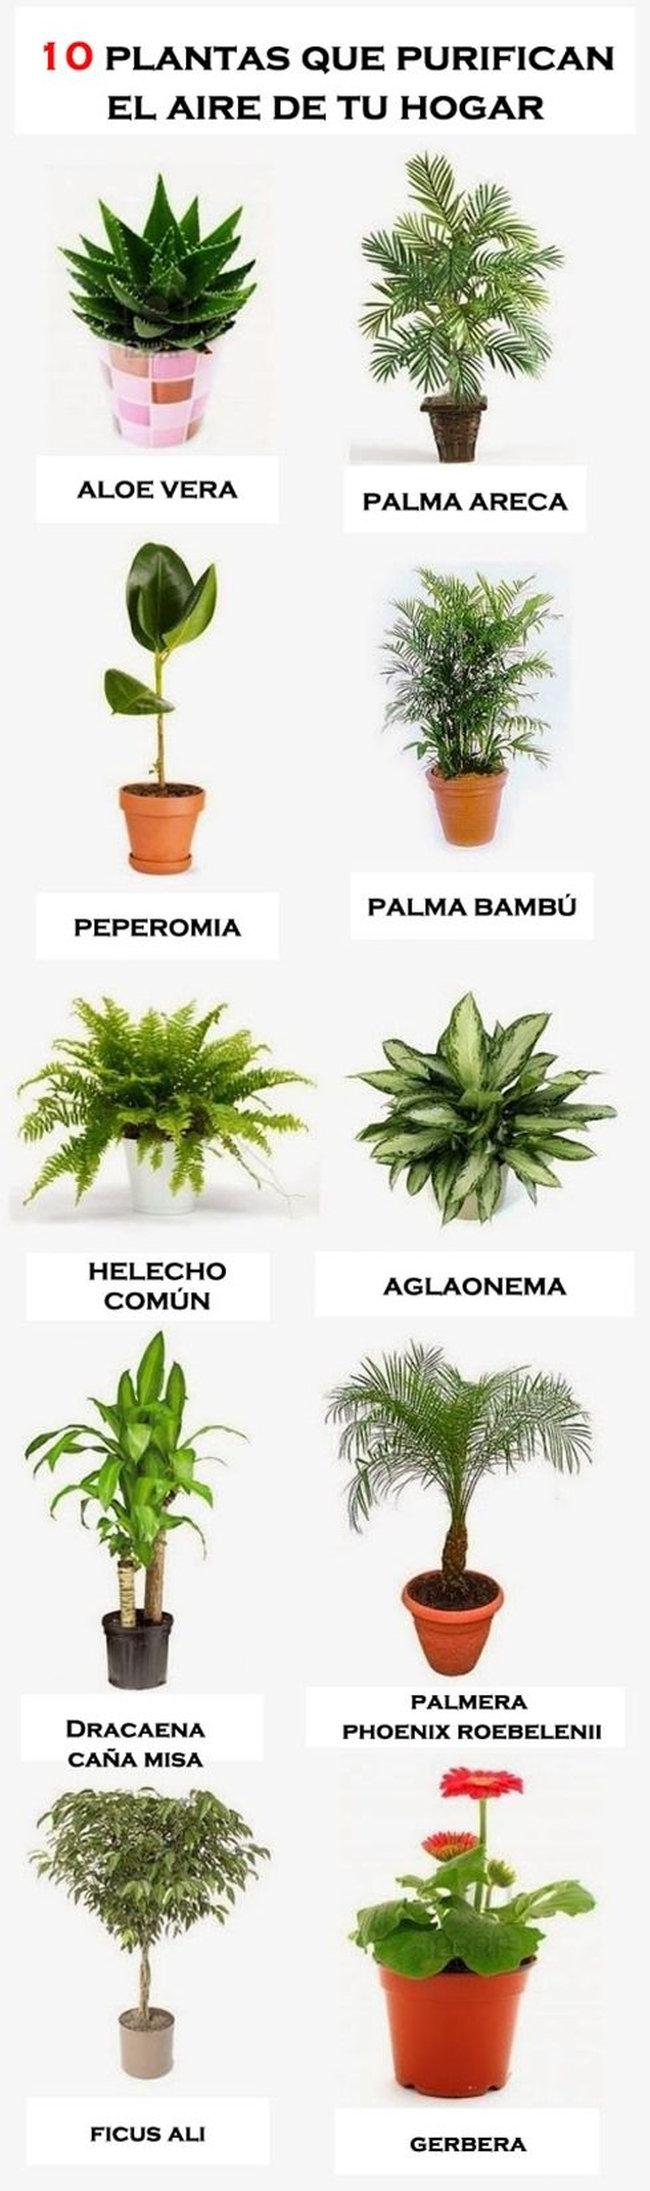 10 plantas que purifican el aire de tu hogar infograf a - Plantas de interior que purifican el aire ...